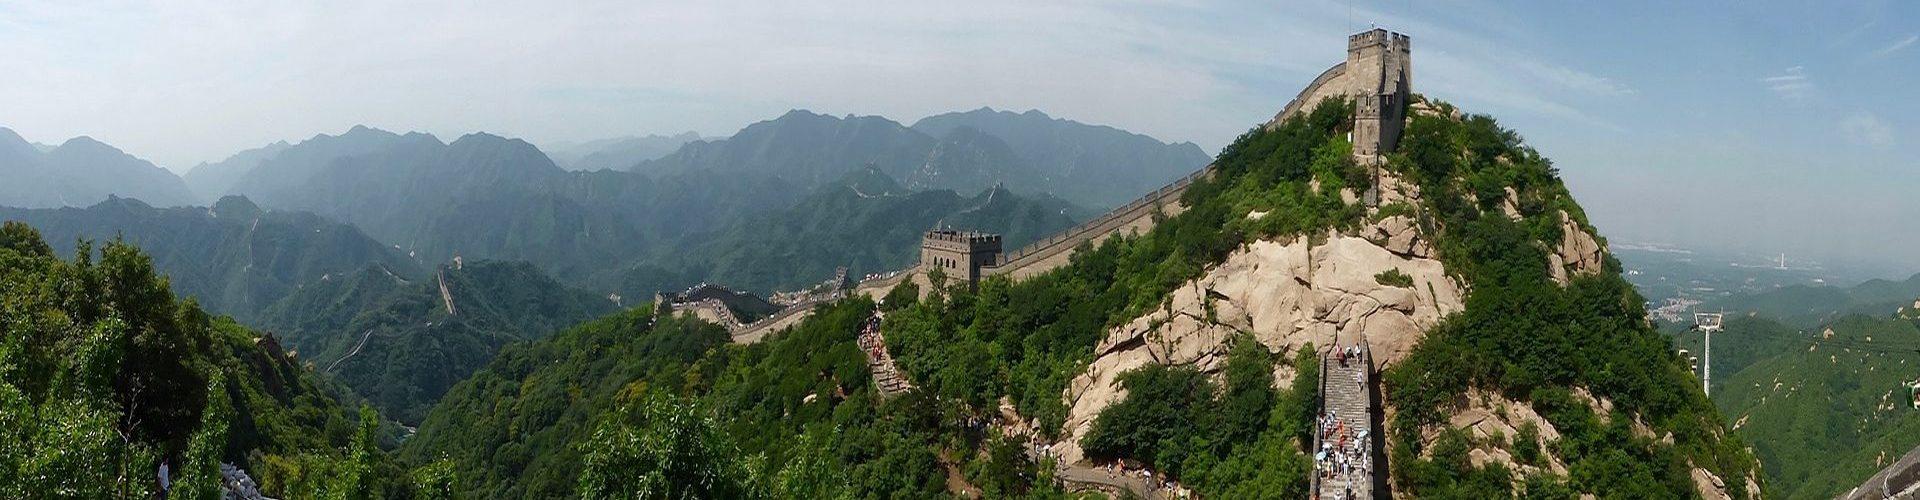 חומה סינית - צילום פנורמי